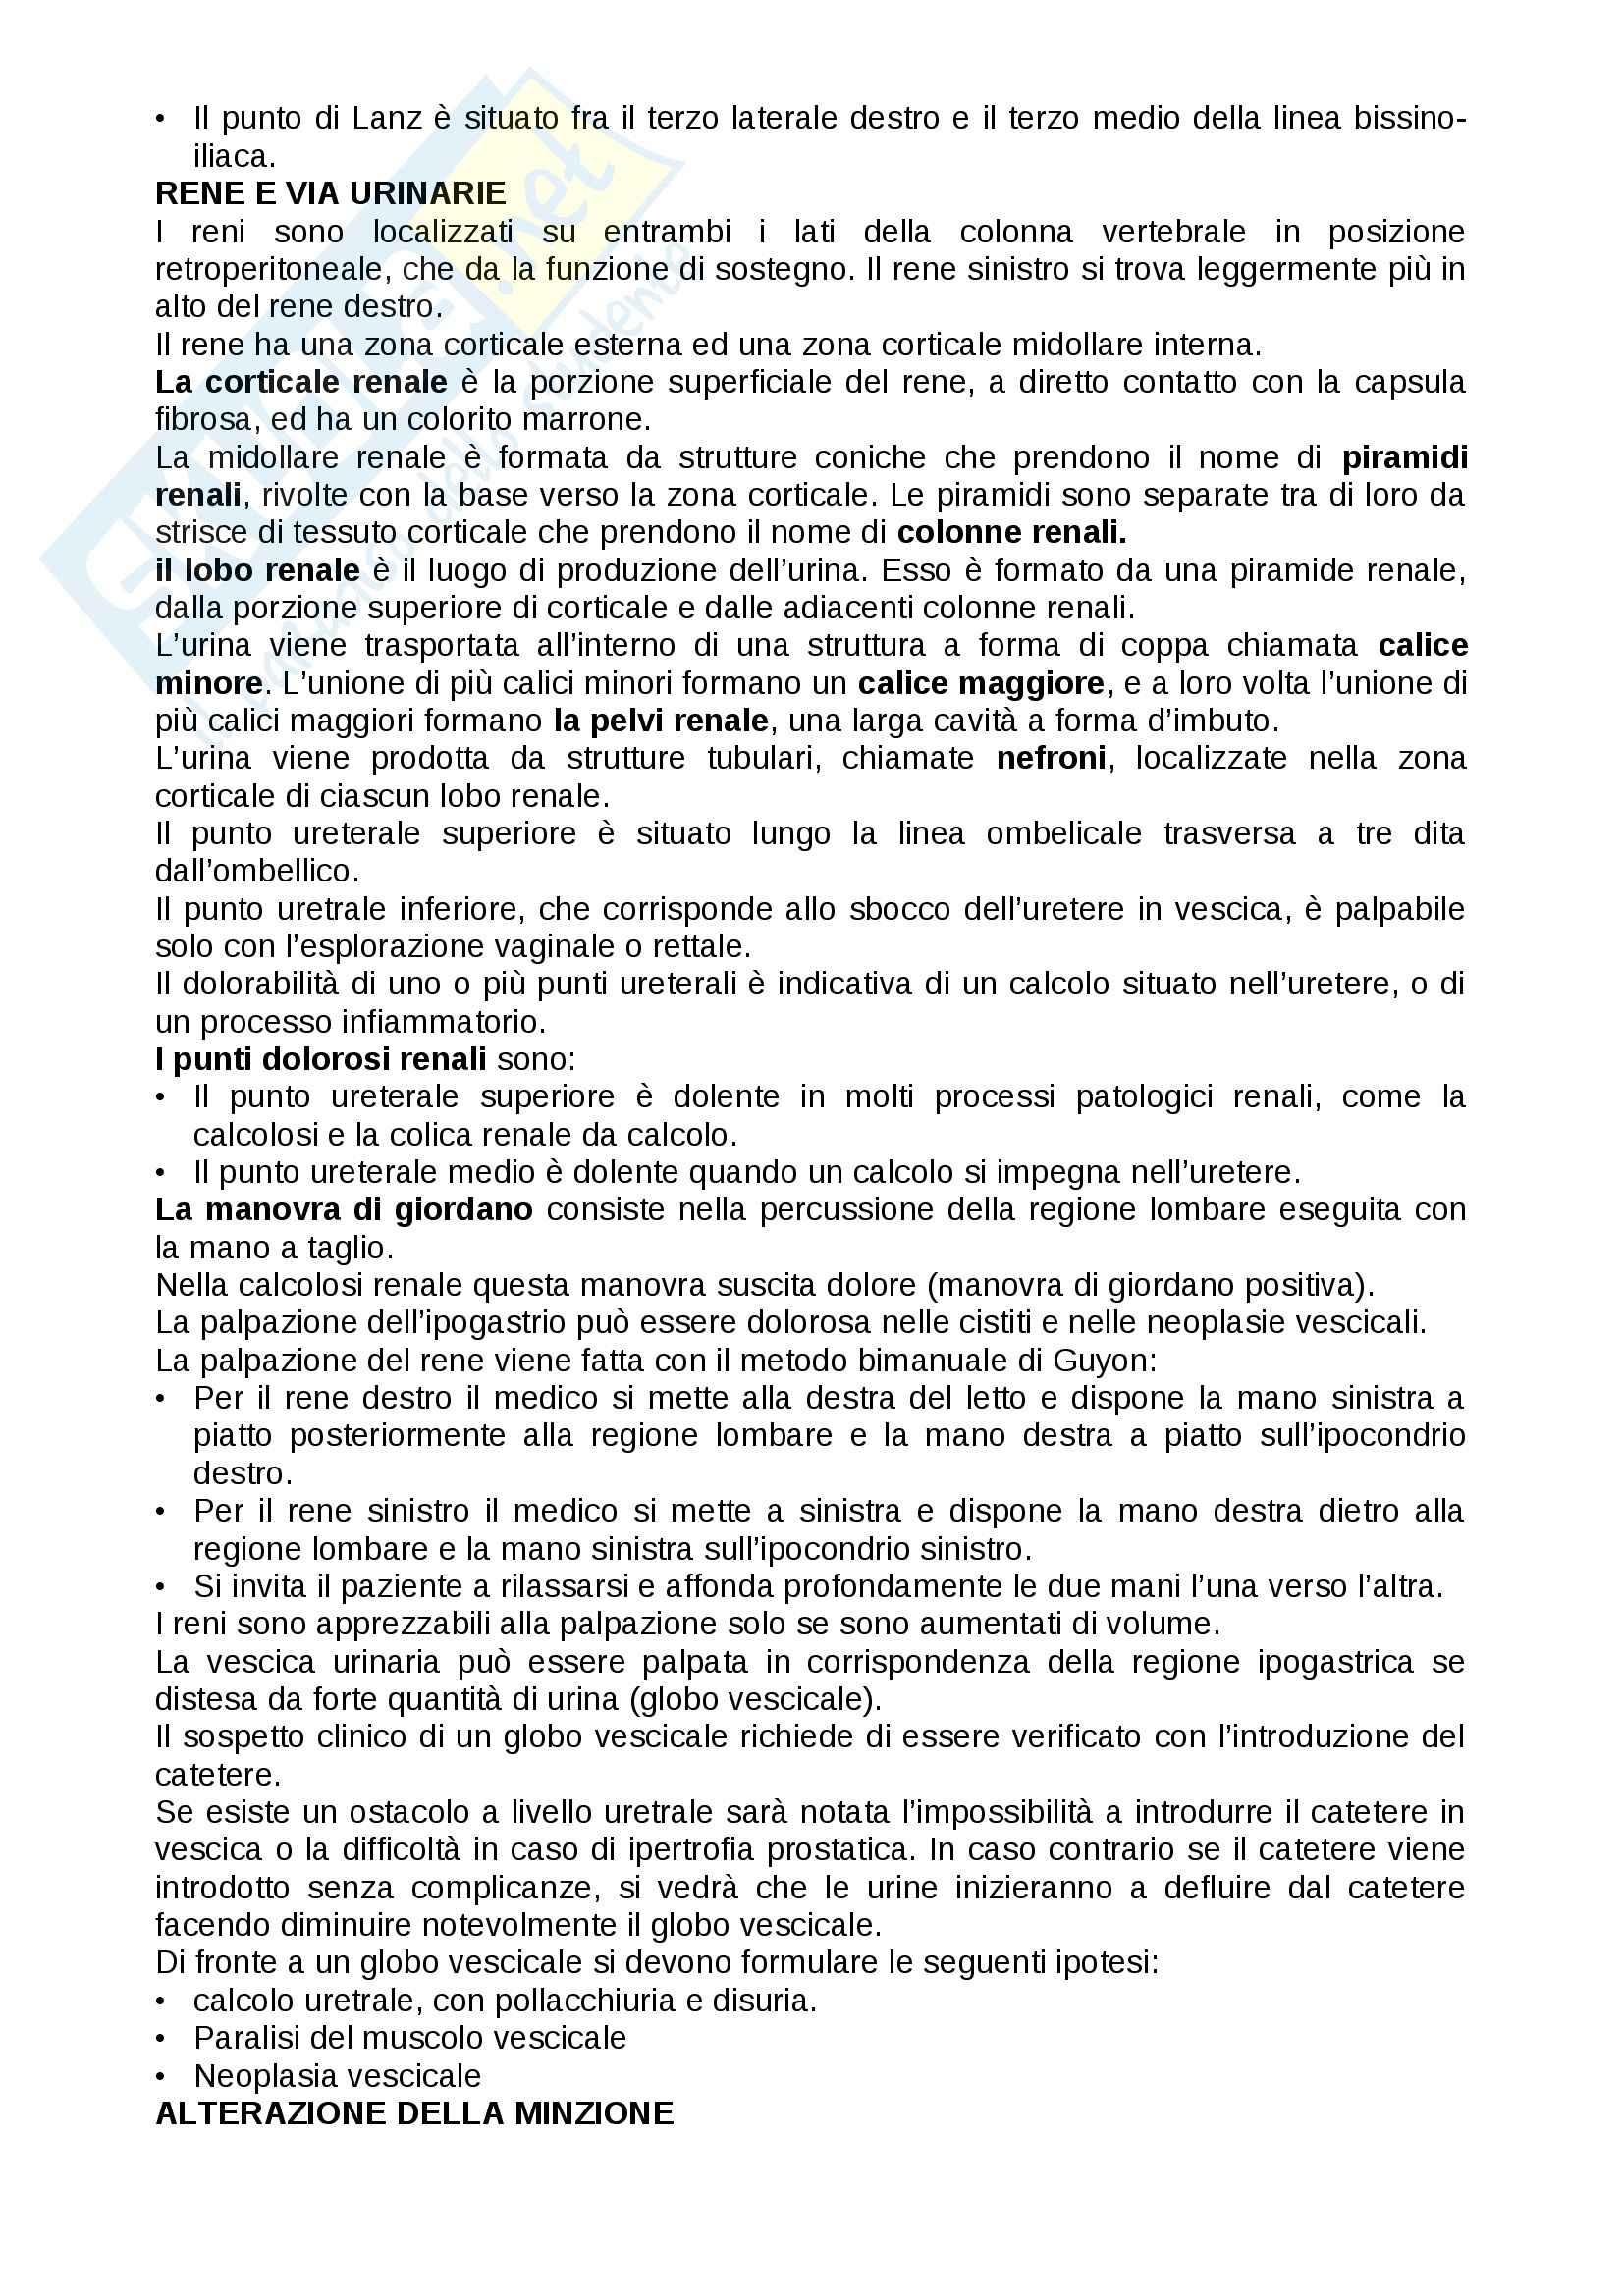 Esame obiettivo dell'addome, Assistenza infermieristica in medicina specialistica Pag. 6